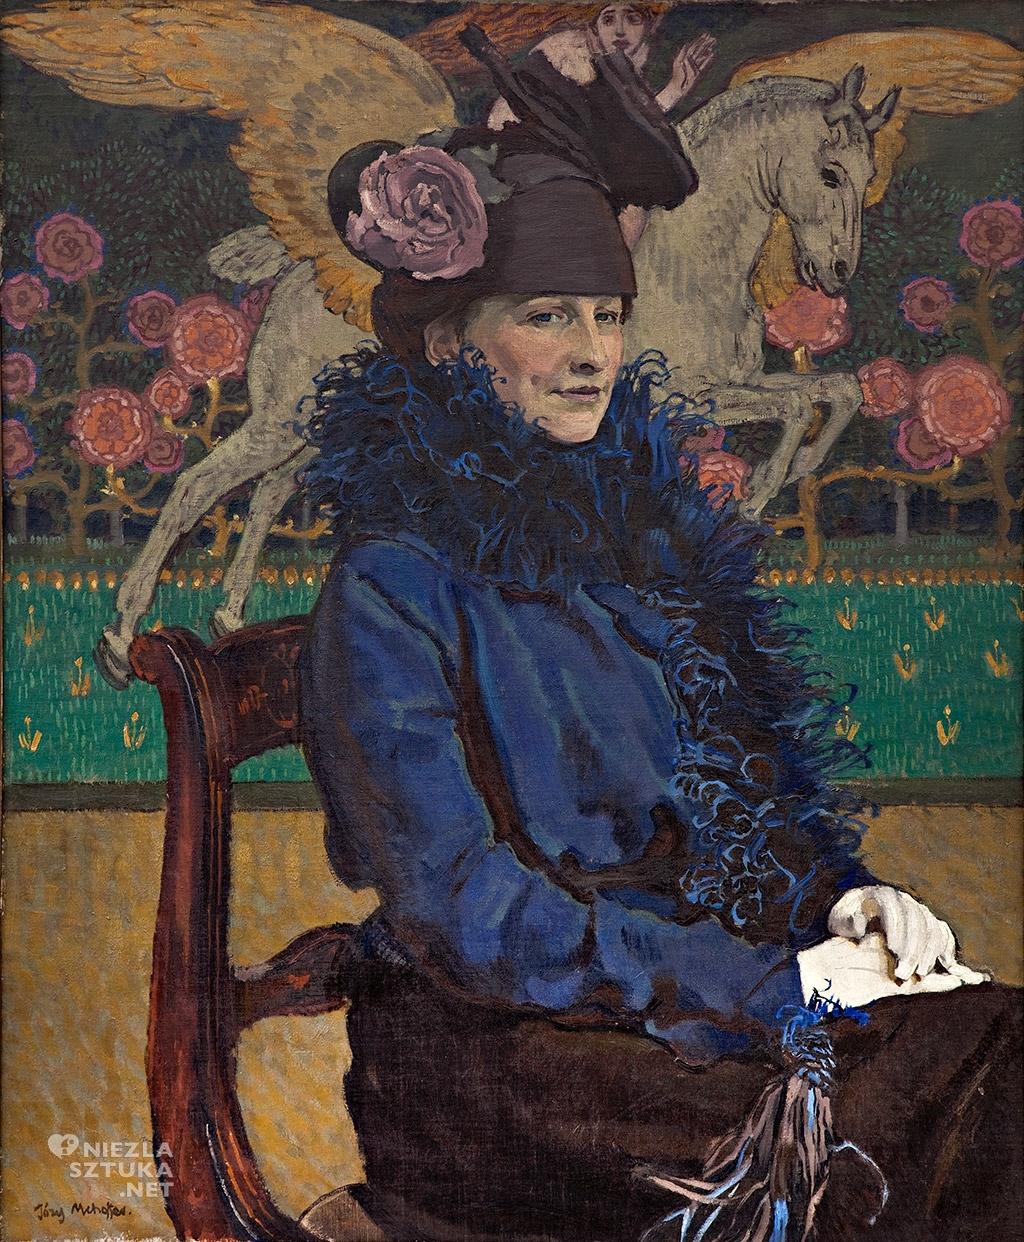 Józef Mehoffer Portret żony artysty z Pegazem| 1913, olej na płótnie, 93 x 77 cm, Muzeum Pałac Herbsta